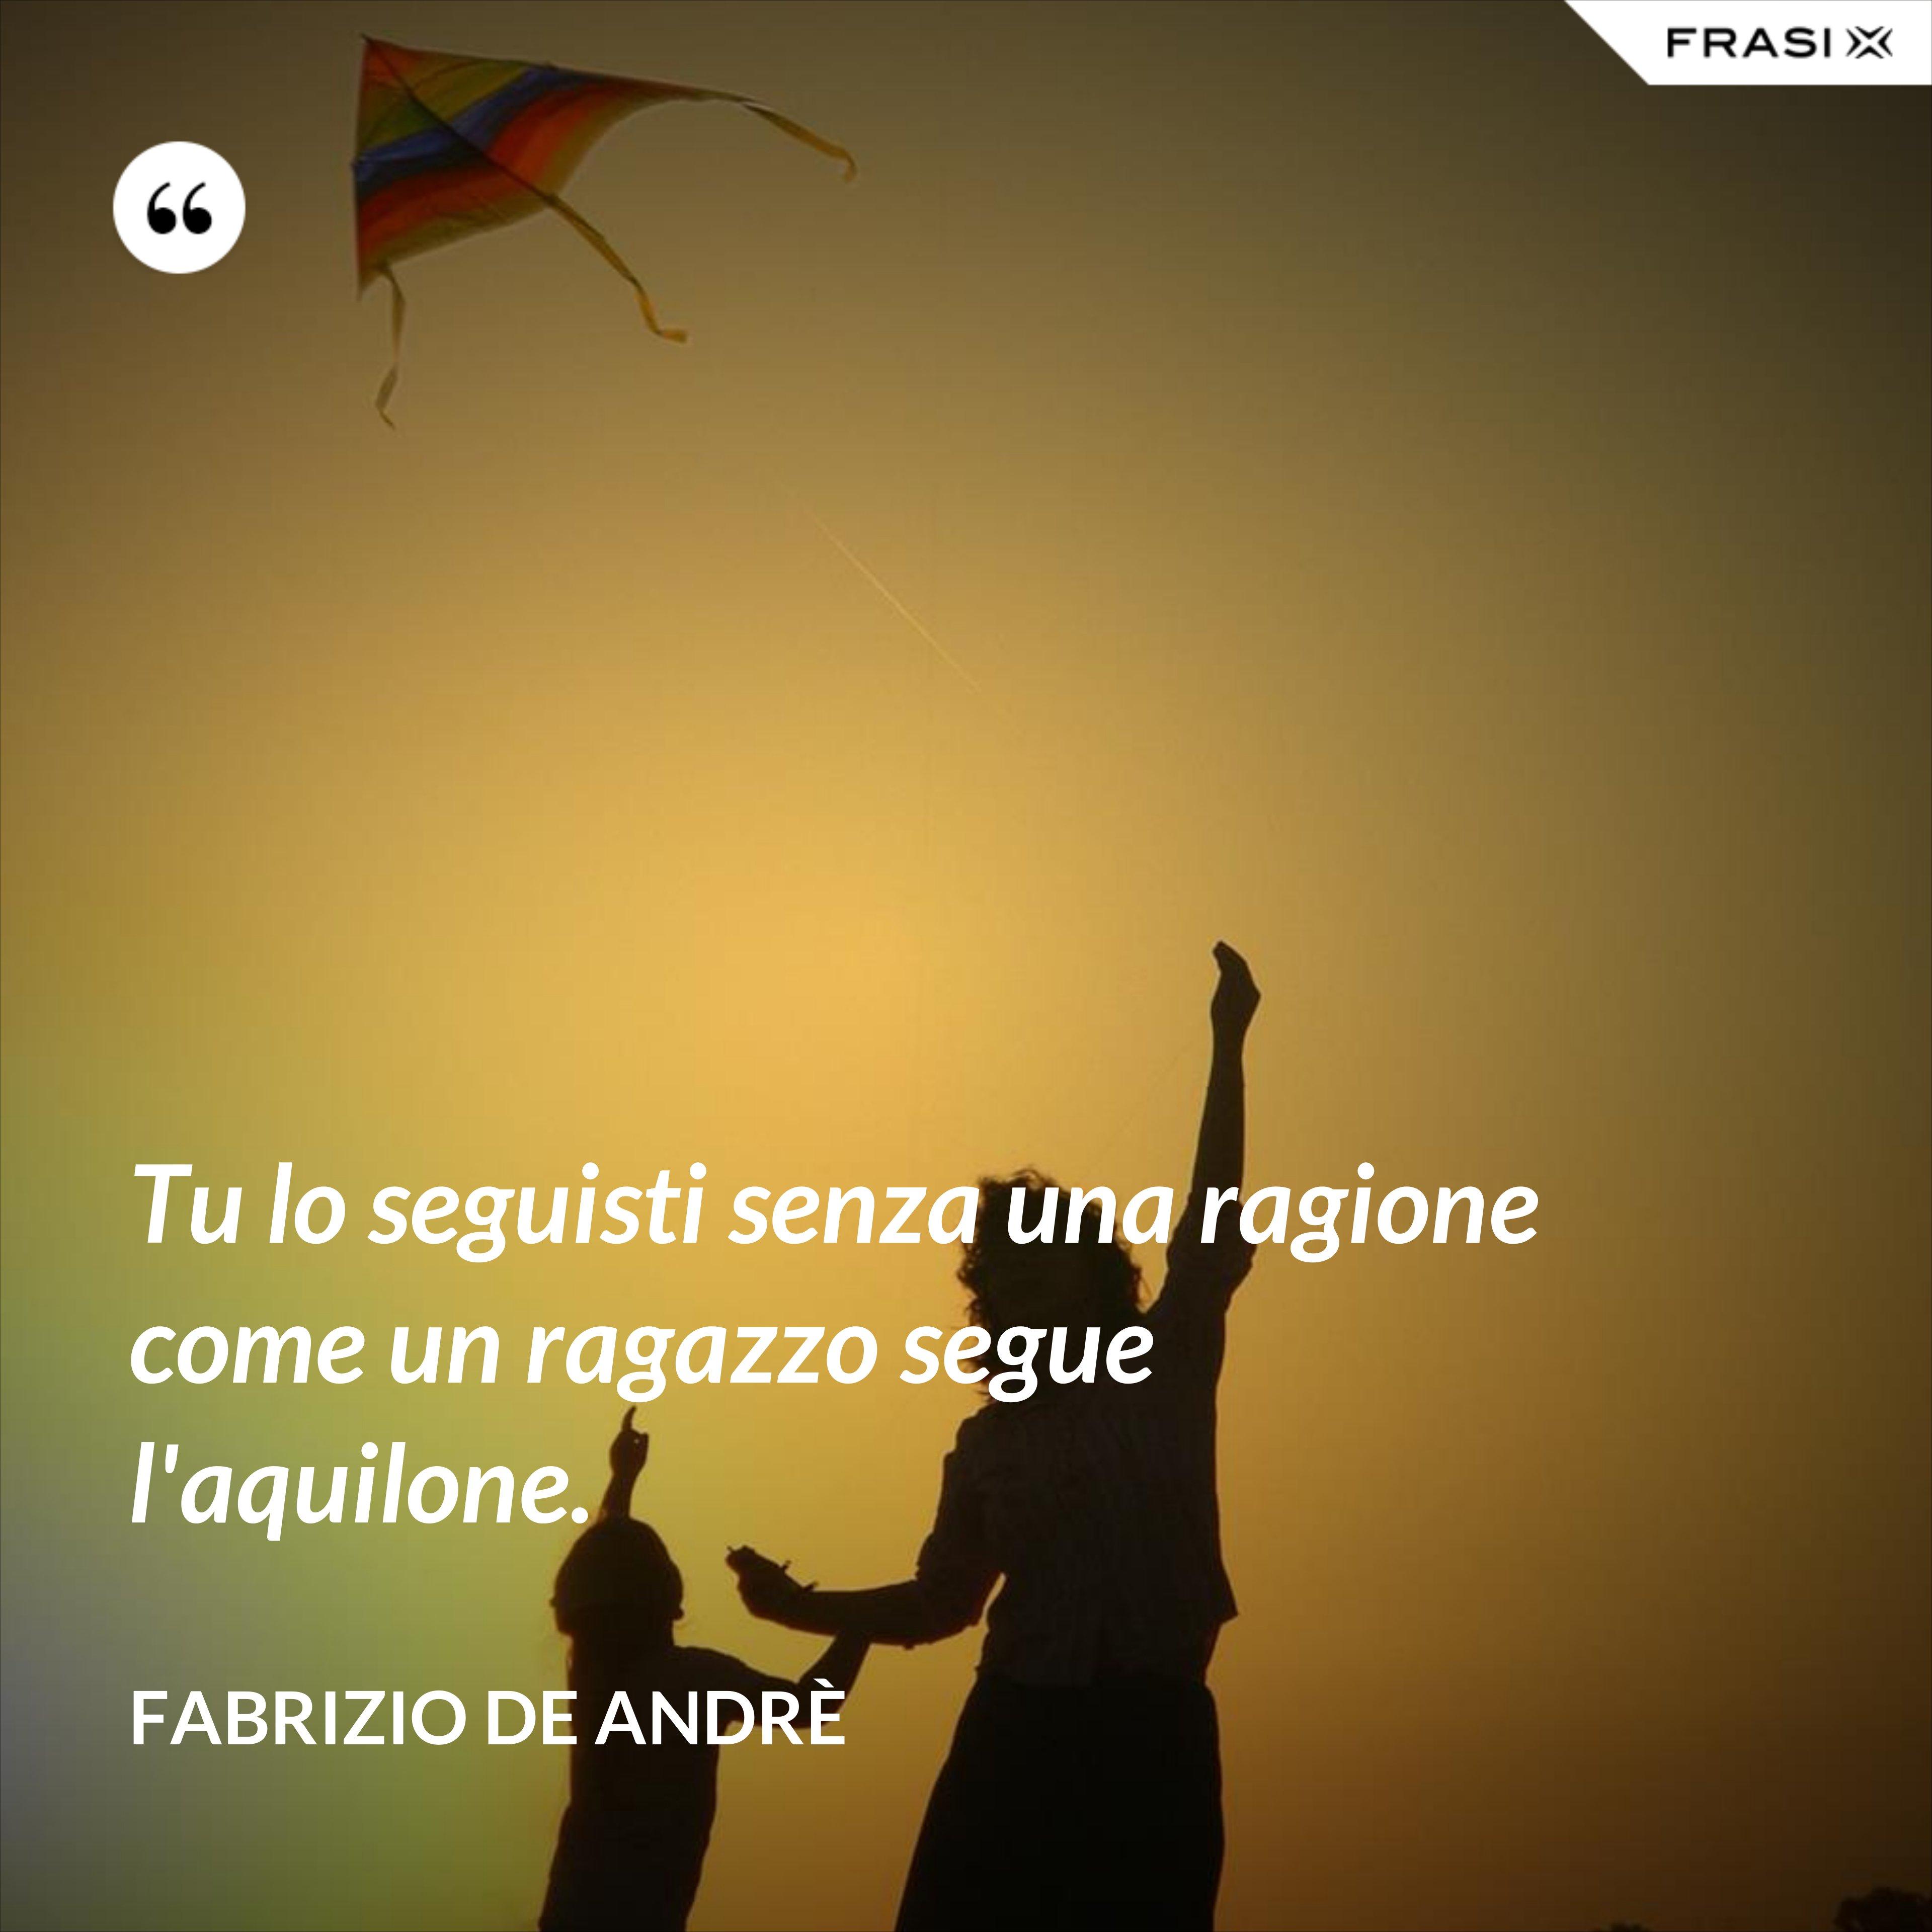 Tu lo seguisti senza una ragione come un ragazzo segue l'aquilone. - Fabrizio De Andrè